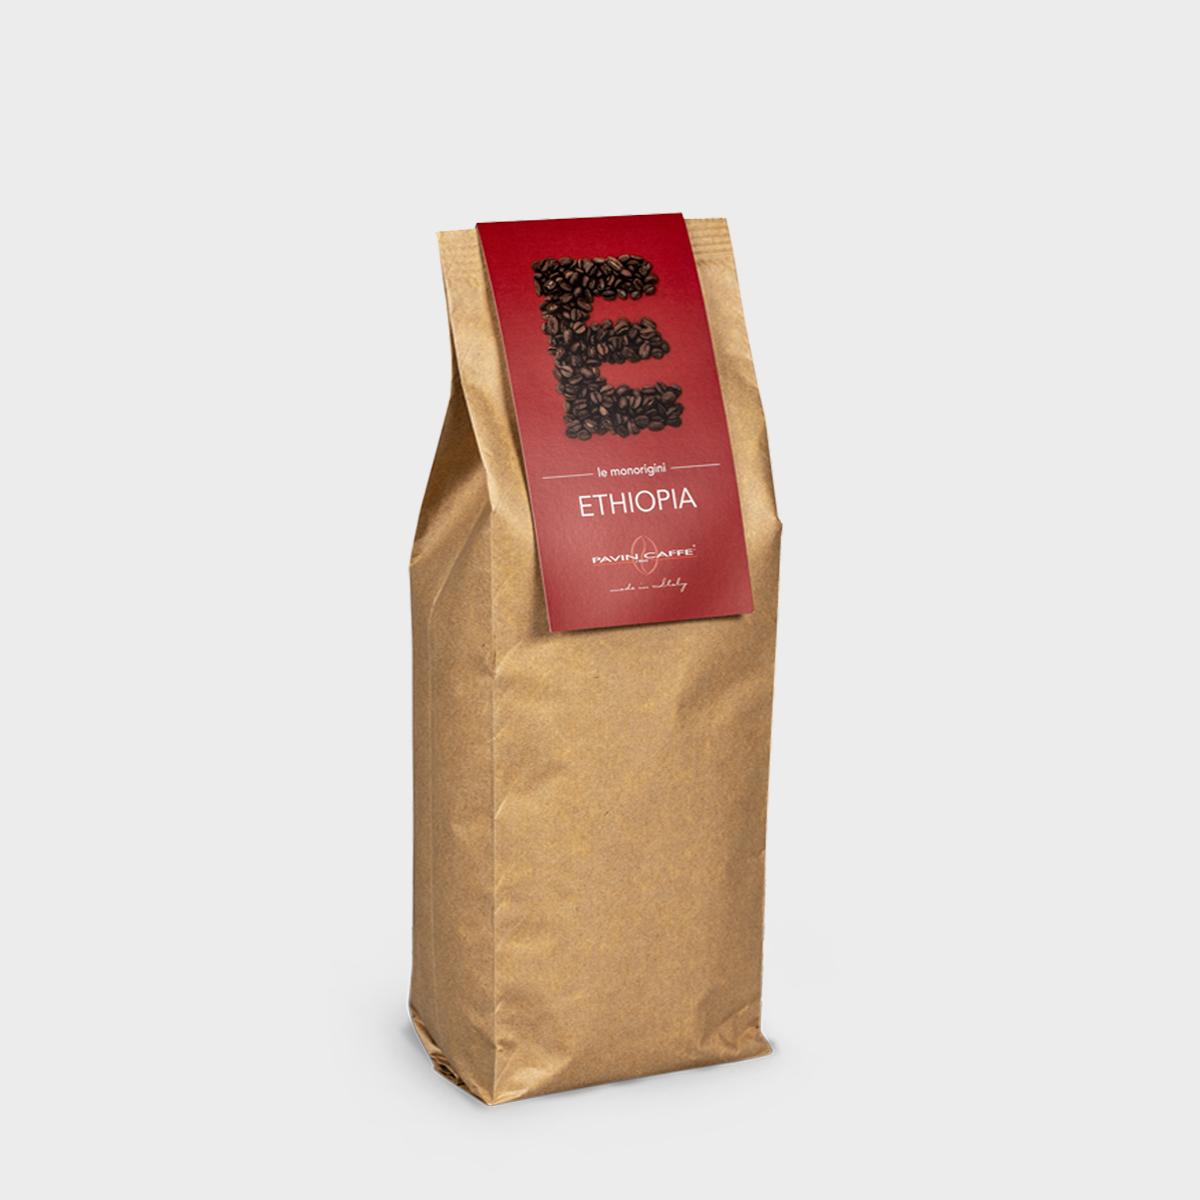 monorigine-pavin-caffe-ethiopia